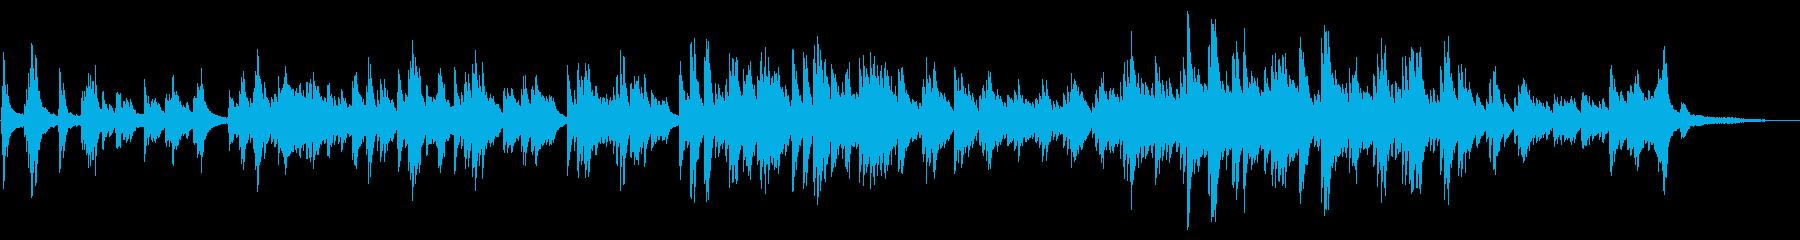 感動的で華やかな ピアノソロの再生済みの波形